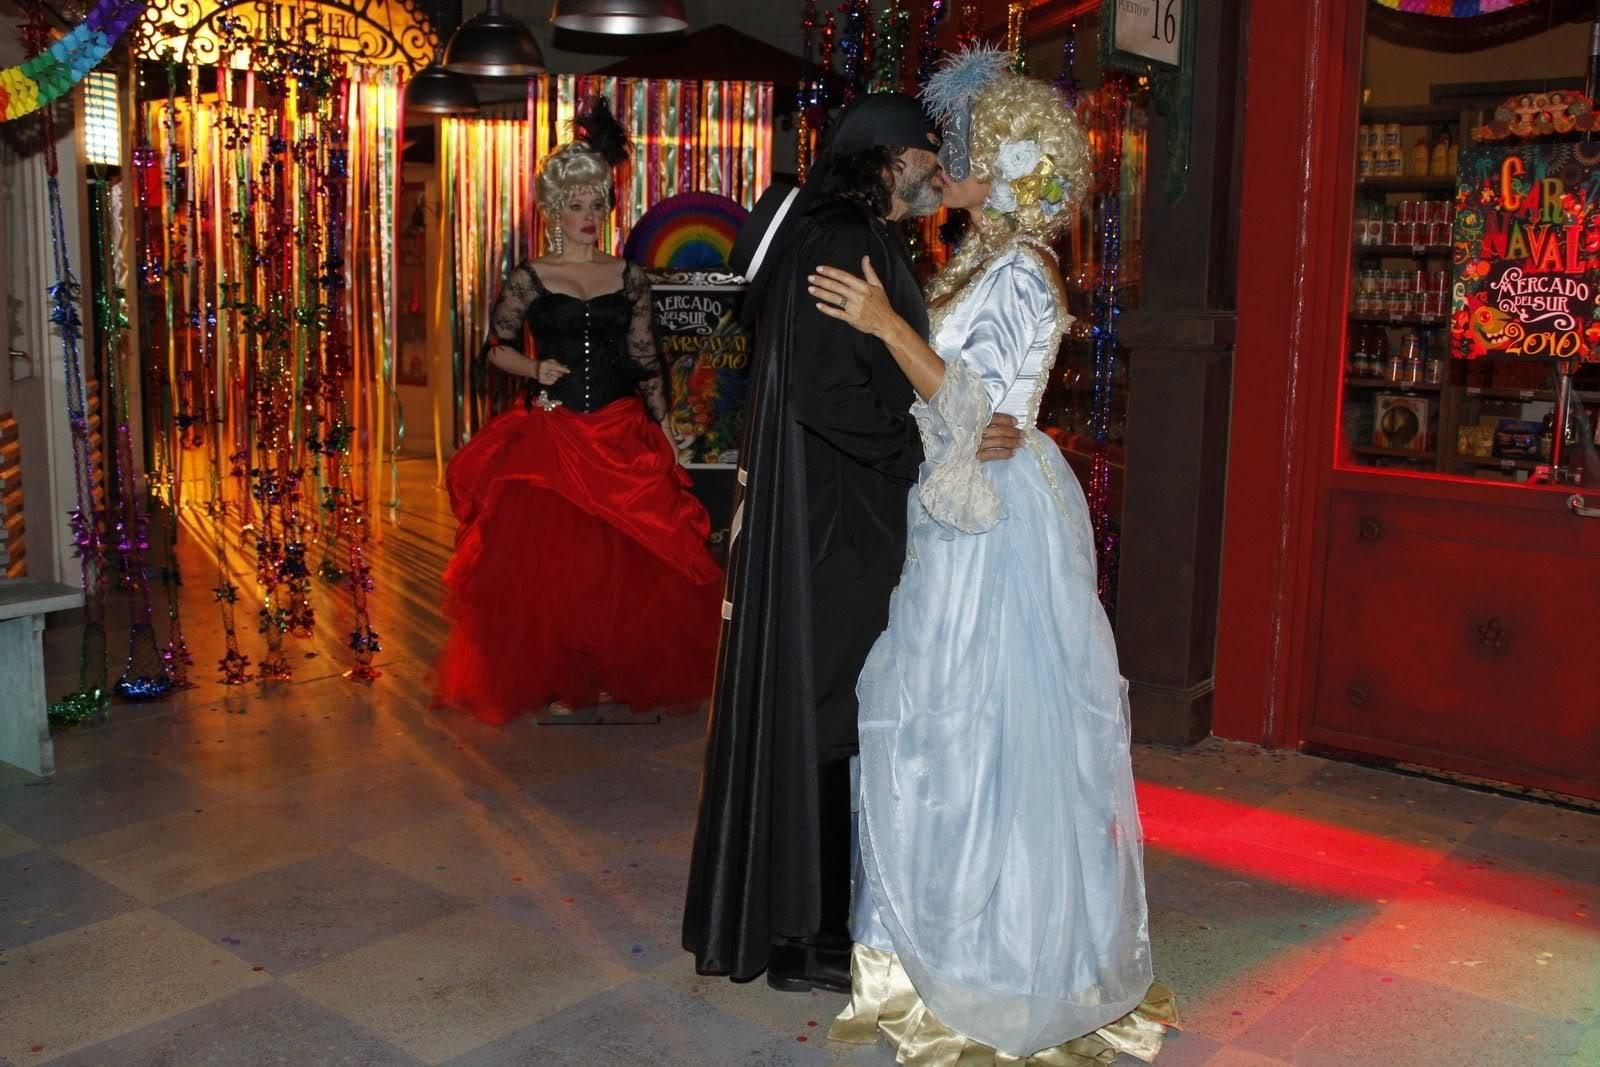 Carnaval en Alguien que me quiera BesoRodolfoyKatia